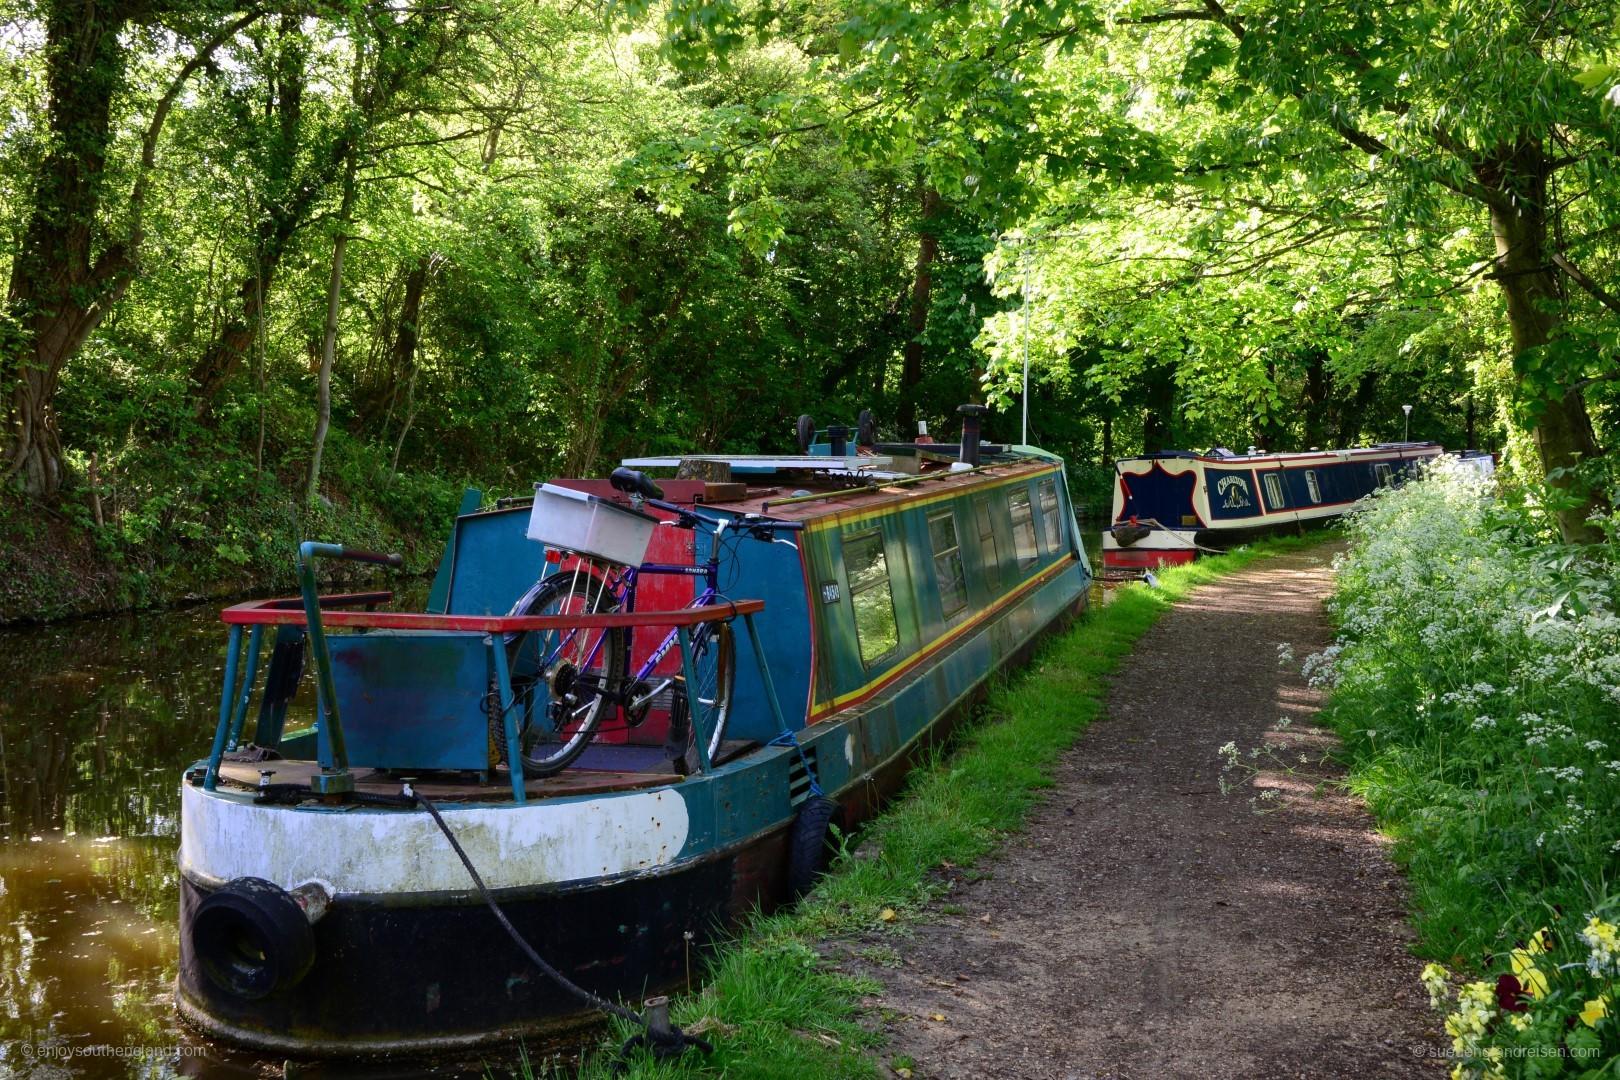 Narrow Boats - vertäut irgendwo in der Natur entlang eines Kanals